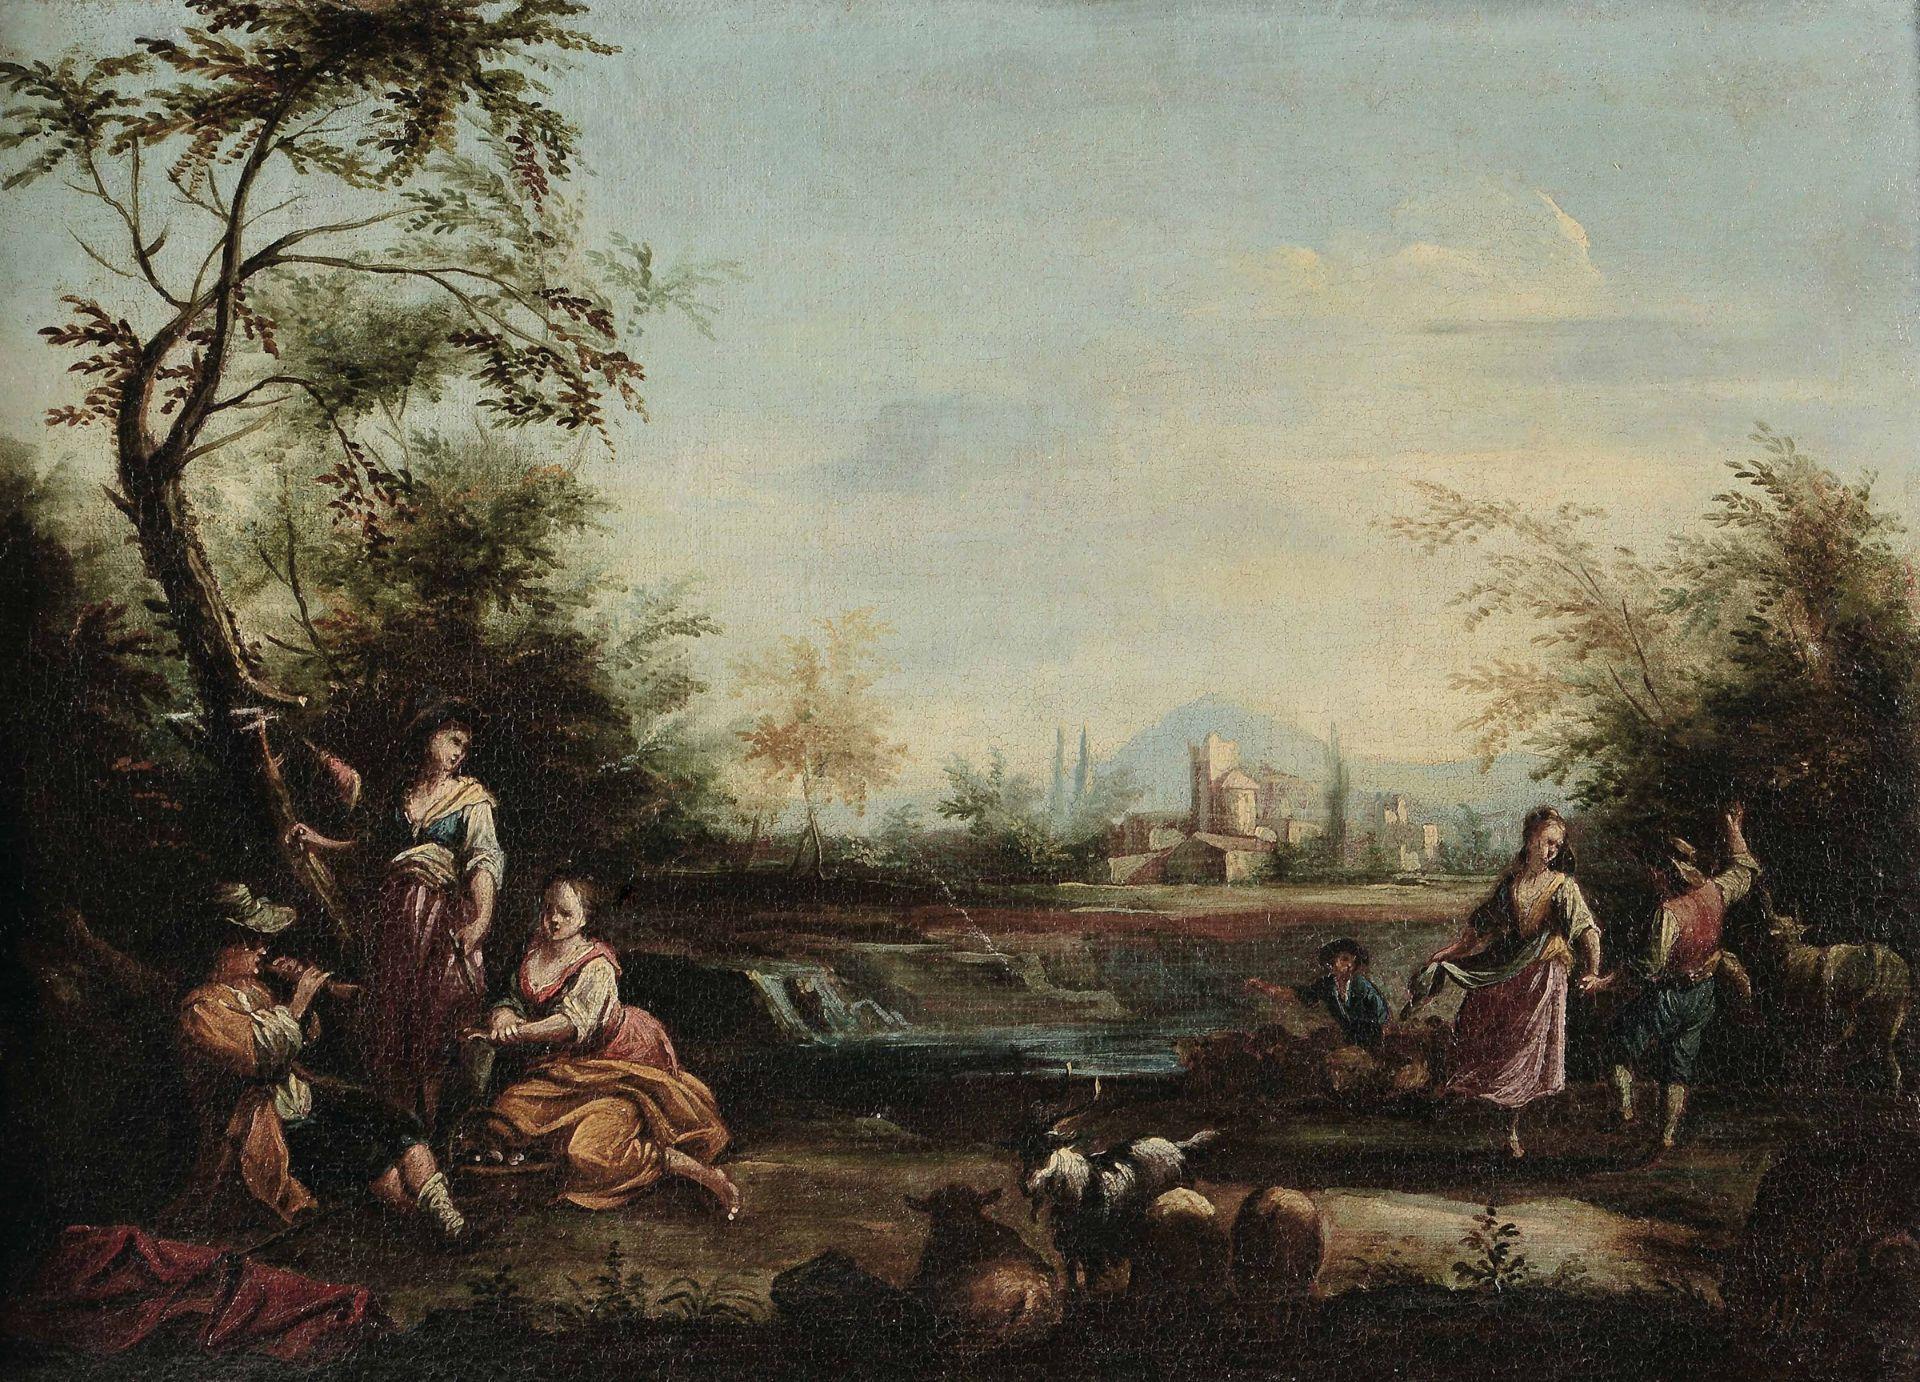 Los 15 - Scuola veneta del XVIII secolo, Paesaggi con scene popolari - coppia di dipinti ad [...]